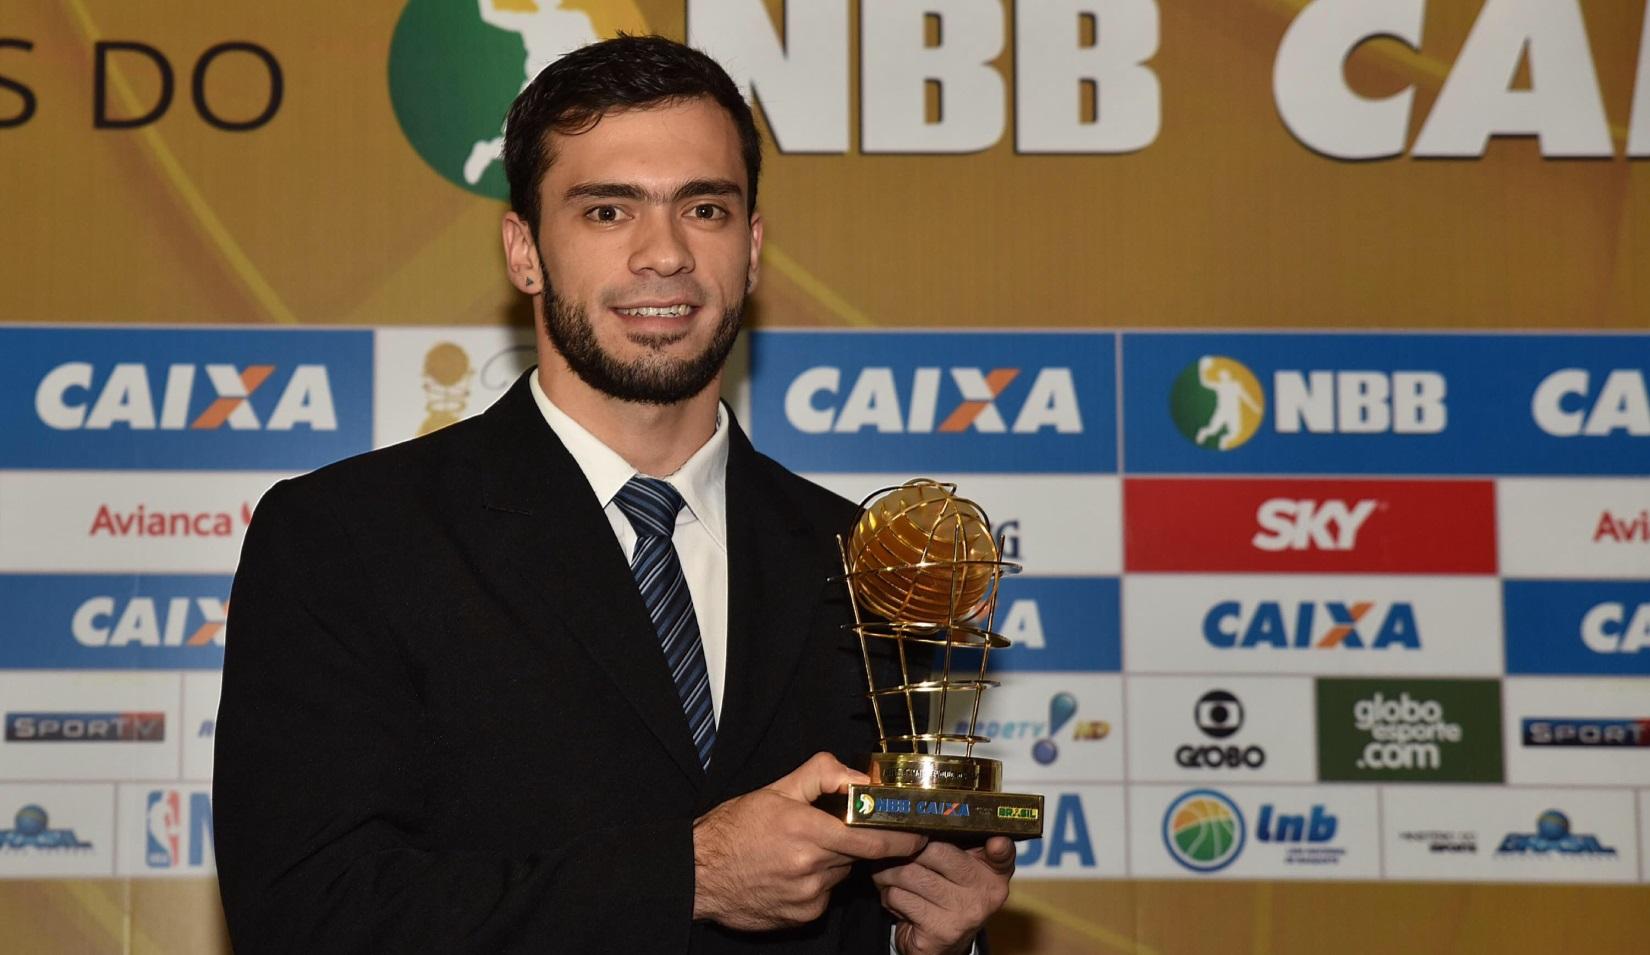 Com grande destaque em sua primeira temporada no Brasília, Deryk conquistou o prêmio de jogador que mais evoluiu (João Pires/LNB)